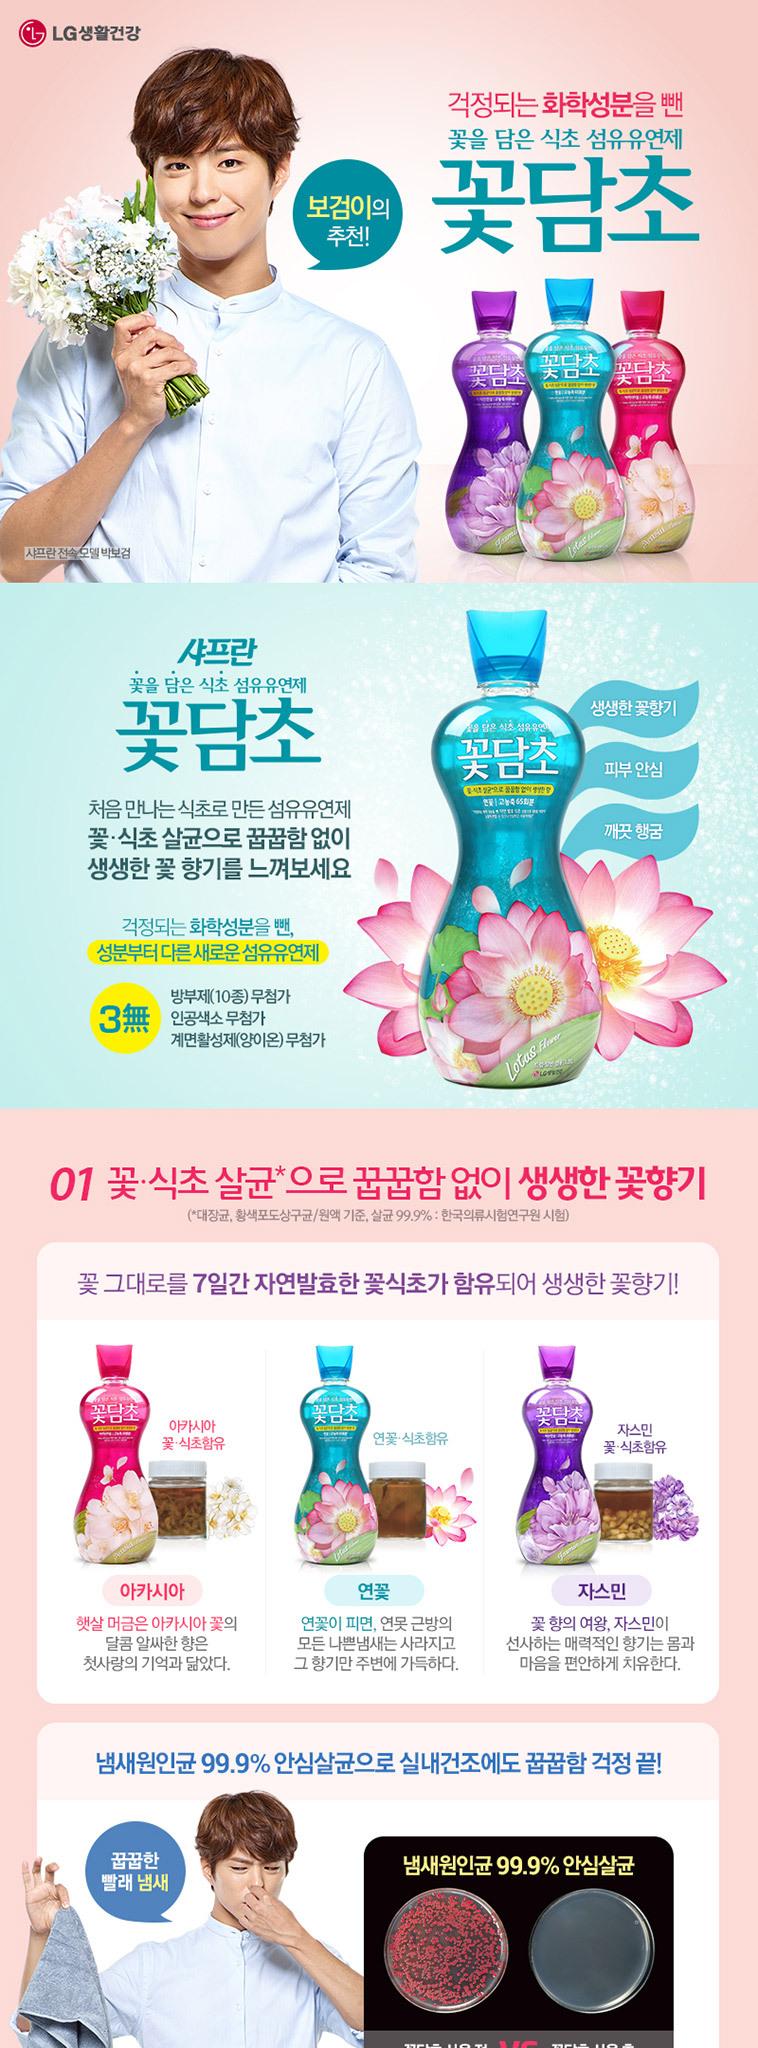 샤프란 꽃담초 리필 1.3Lx8 - 상세정보